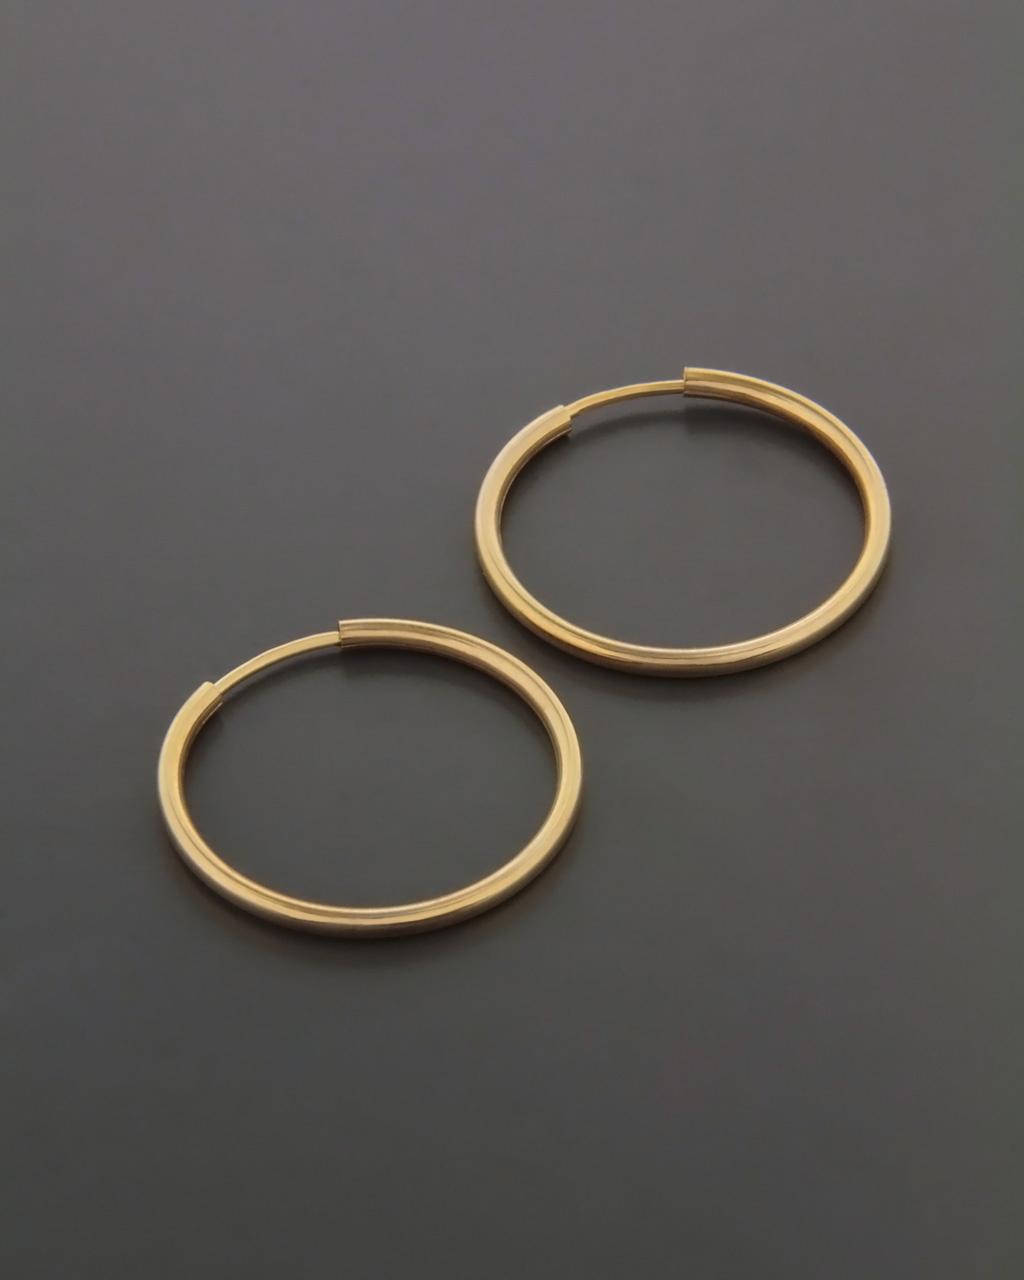 Σκουλαρίκια κρίκοι χρυσά   γυναικα σκουλαρίκια σκουλαρίκια χρυσά